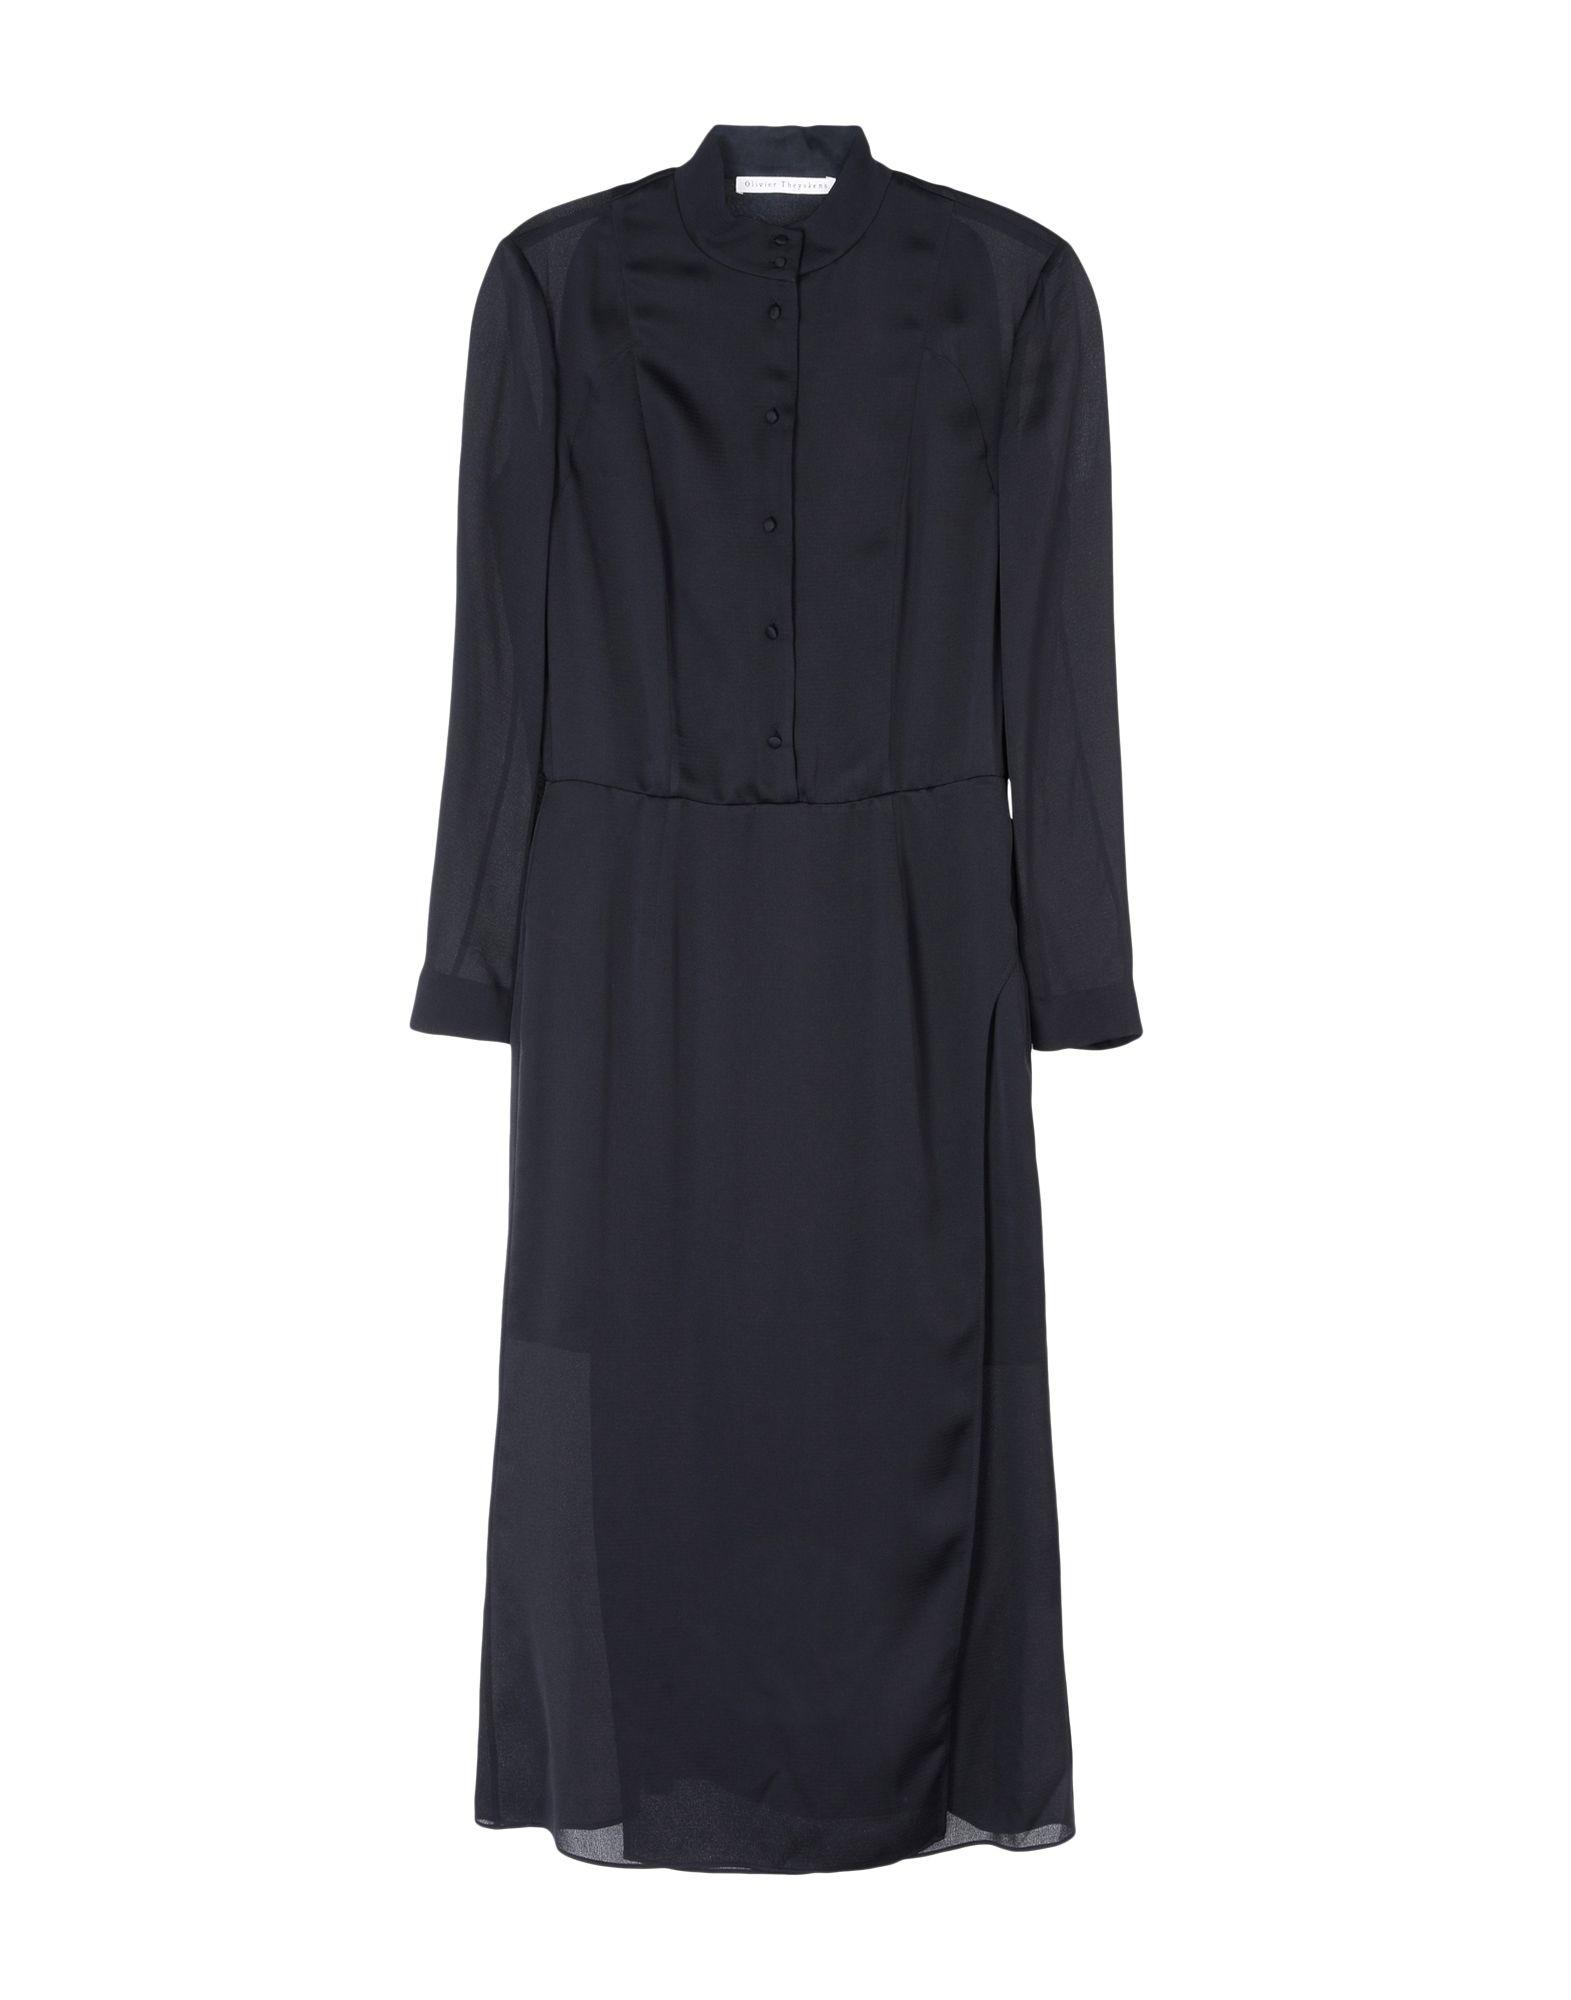 《送料無料》OLIVIER THEYSKENS レディース 7分丈ワンピース・ドレス ブラック 42 シルク 100%